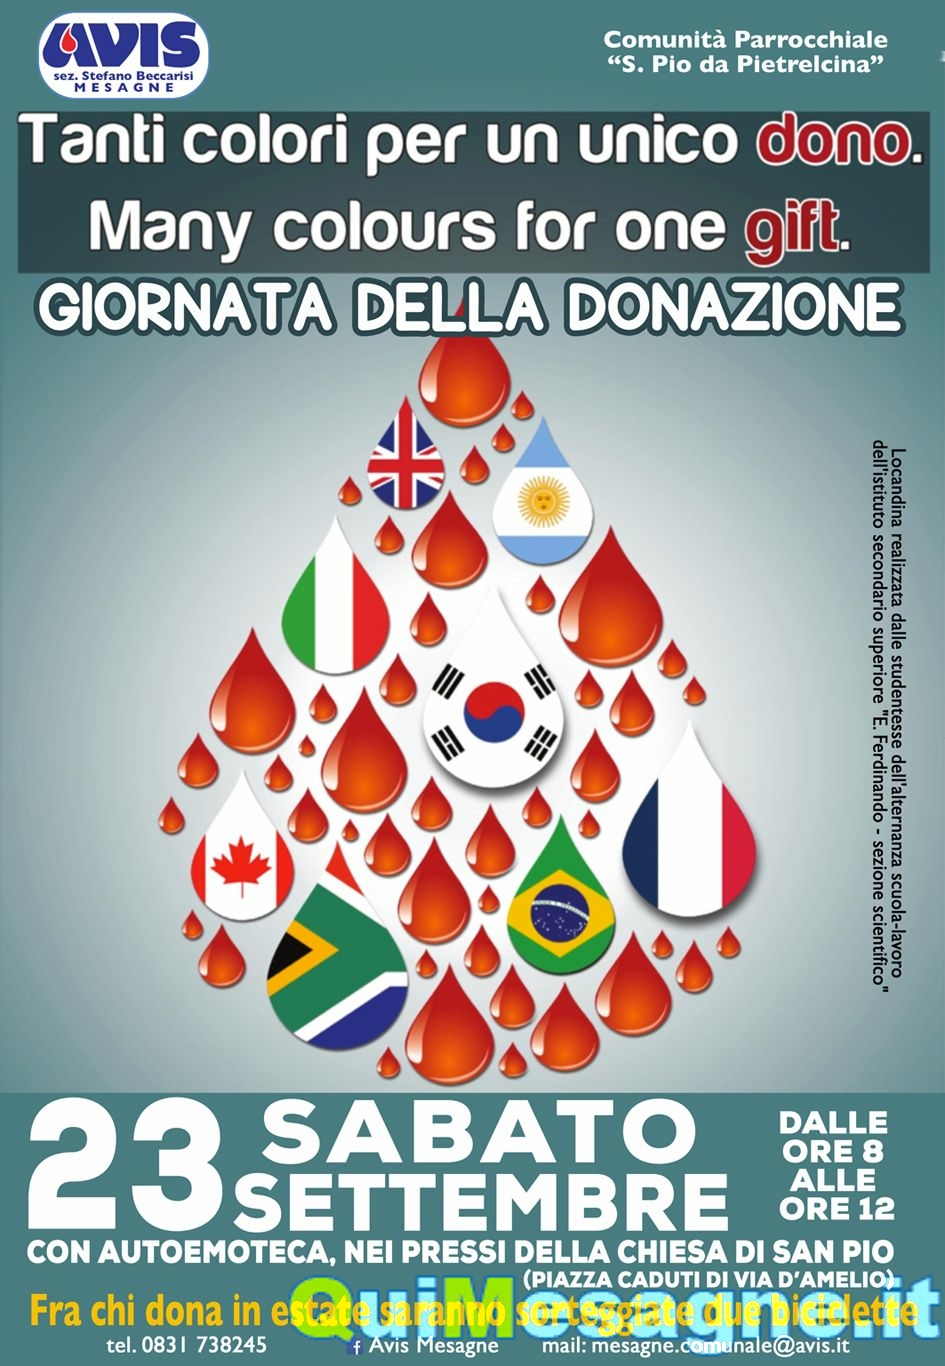 Sabato 23, donazione del sangue a cura dell'AVIS in occasione della Festa di San Pio